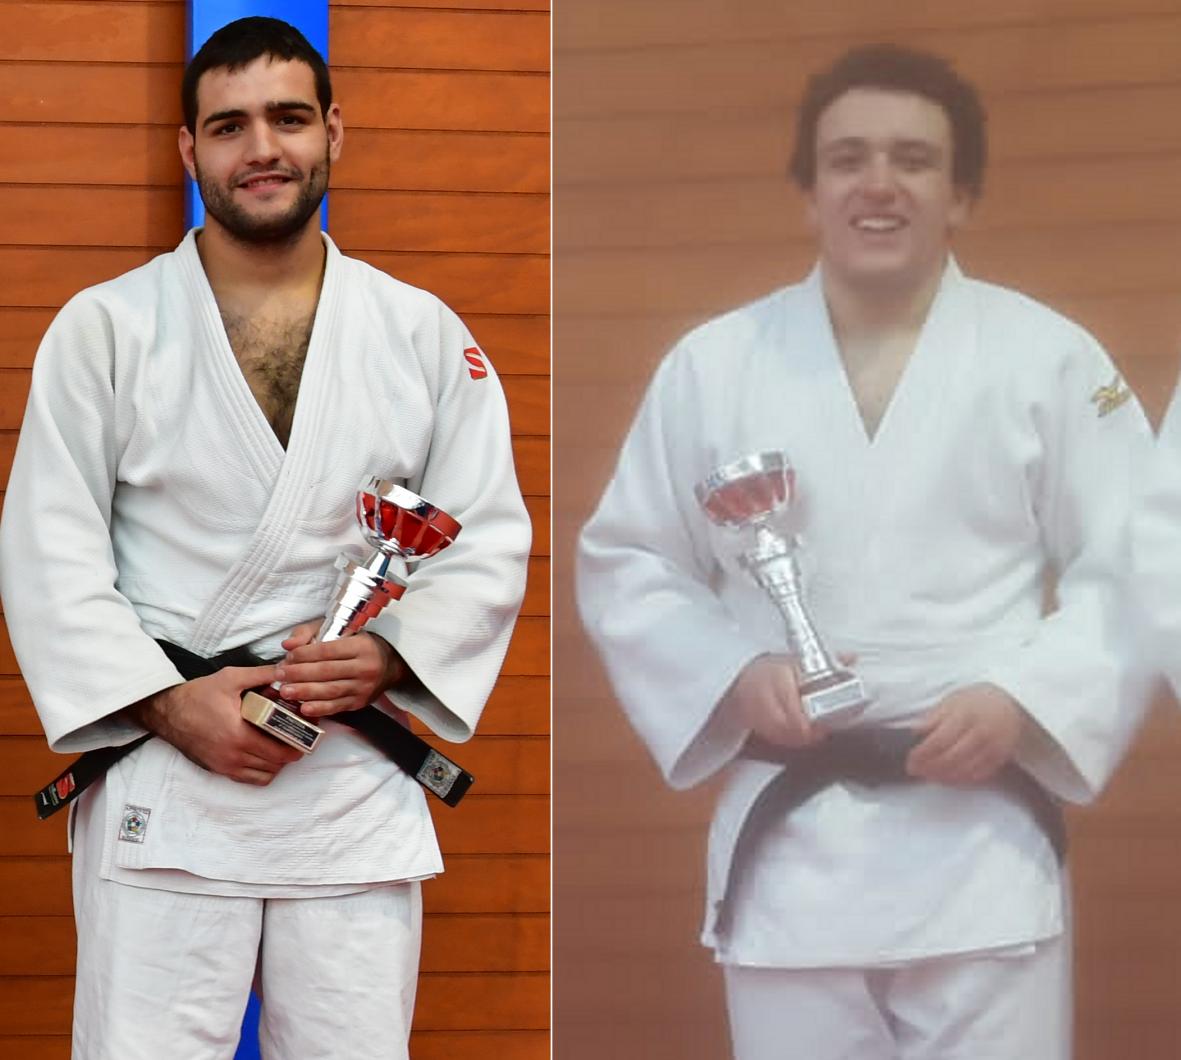 Campeonato de la Comunidad de Madrid de Judo Absoluto 2019